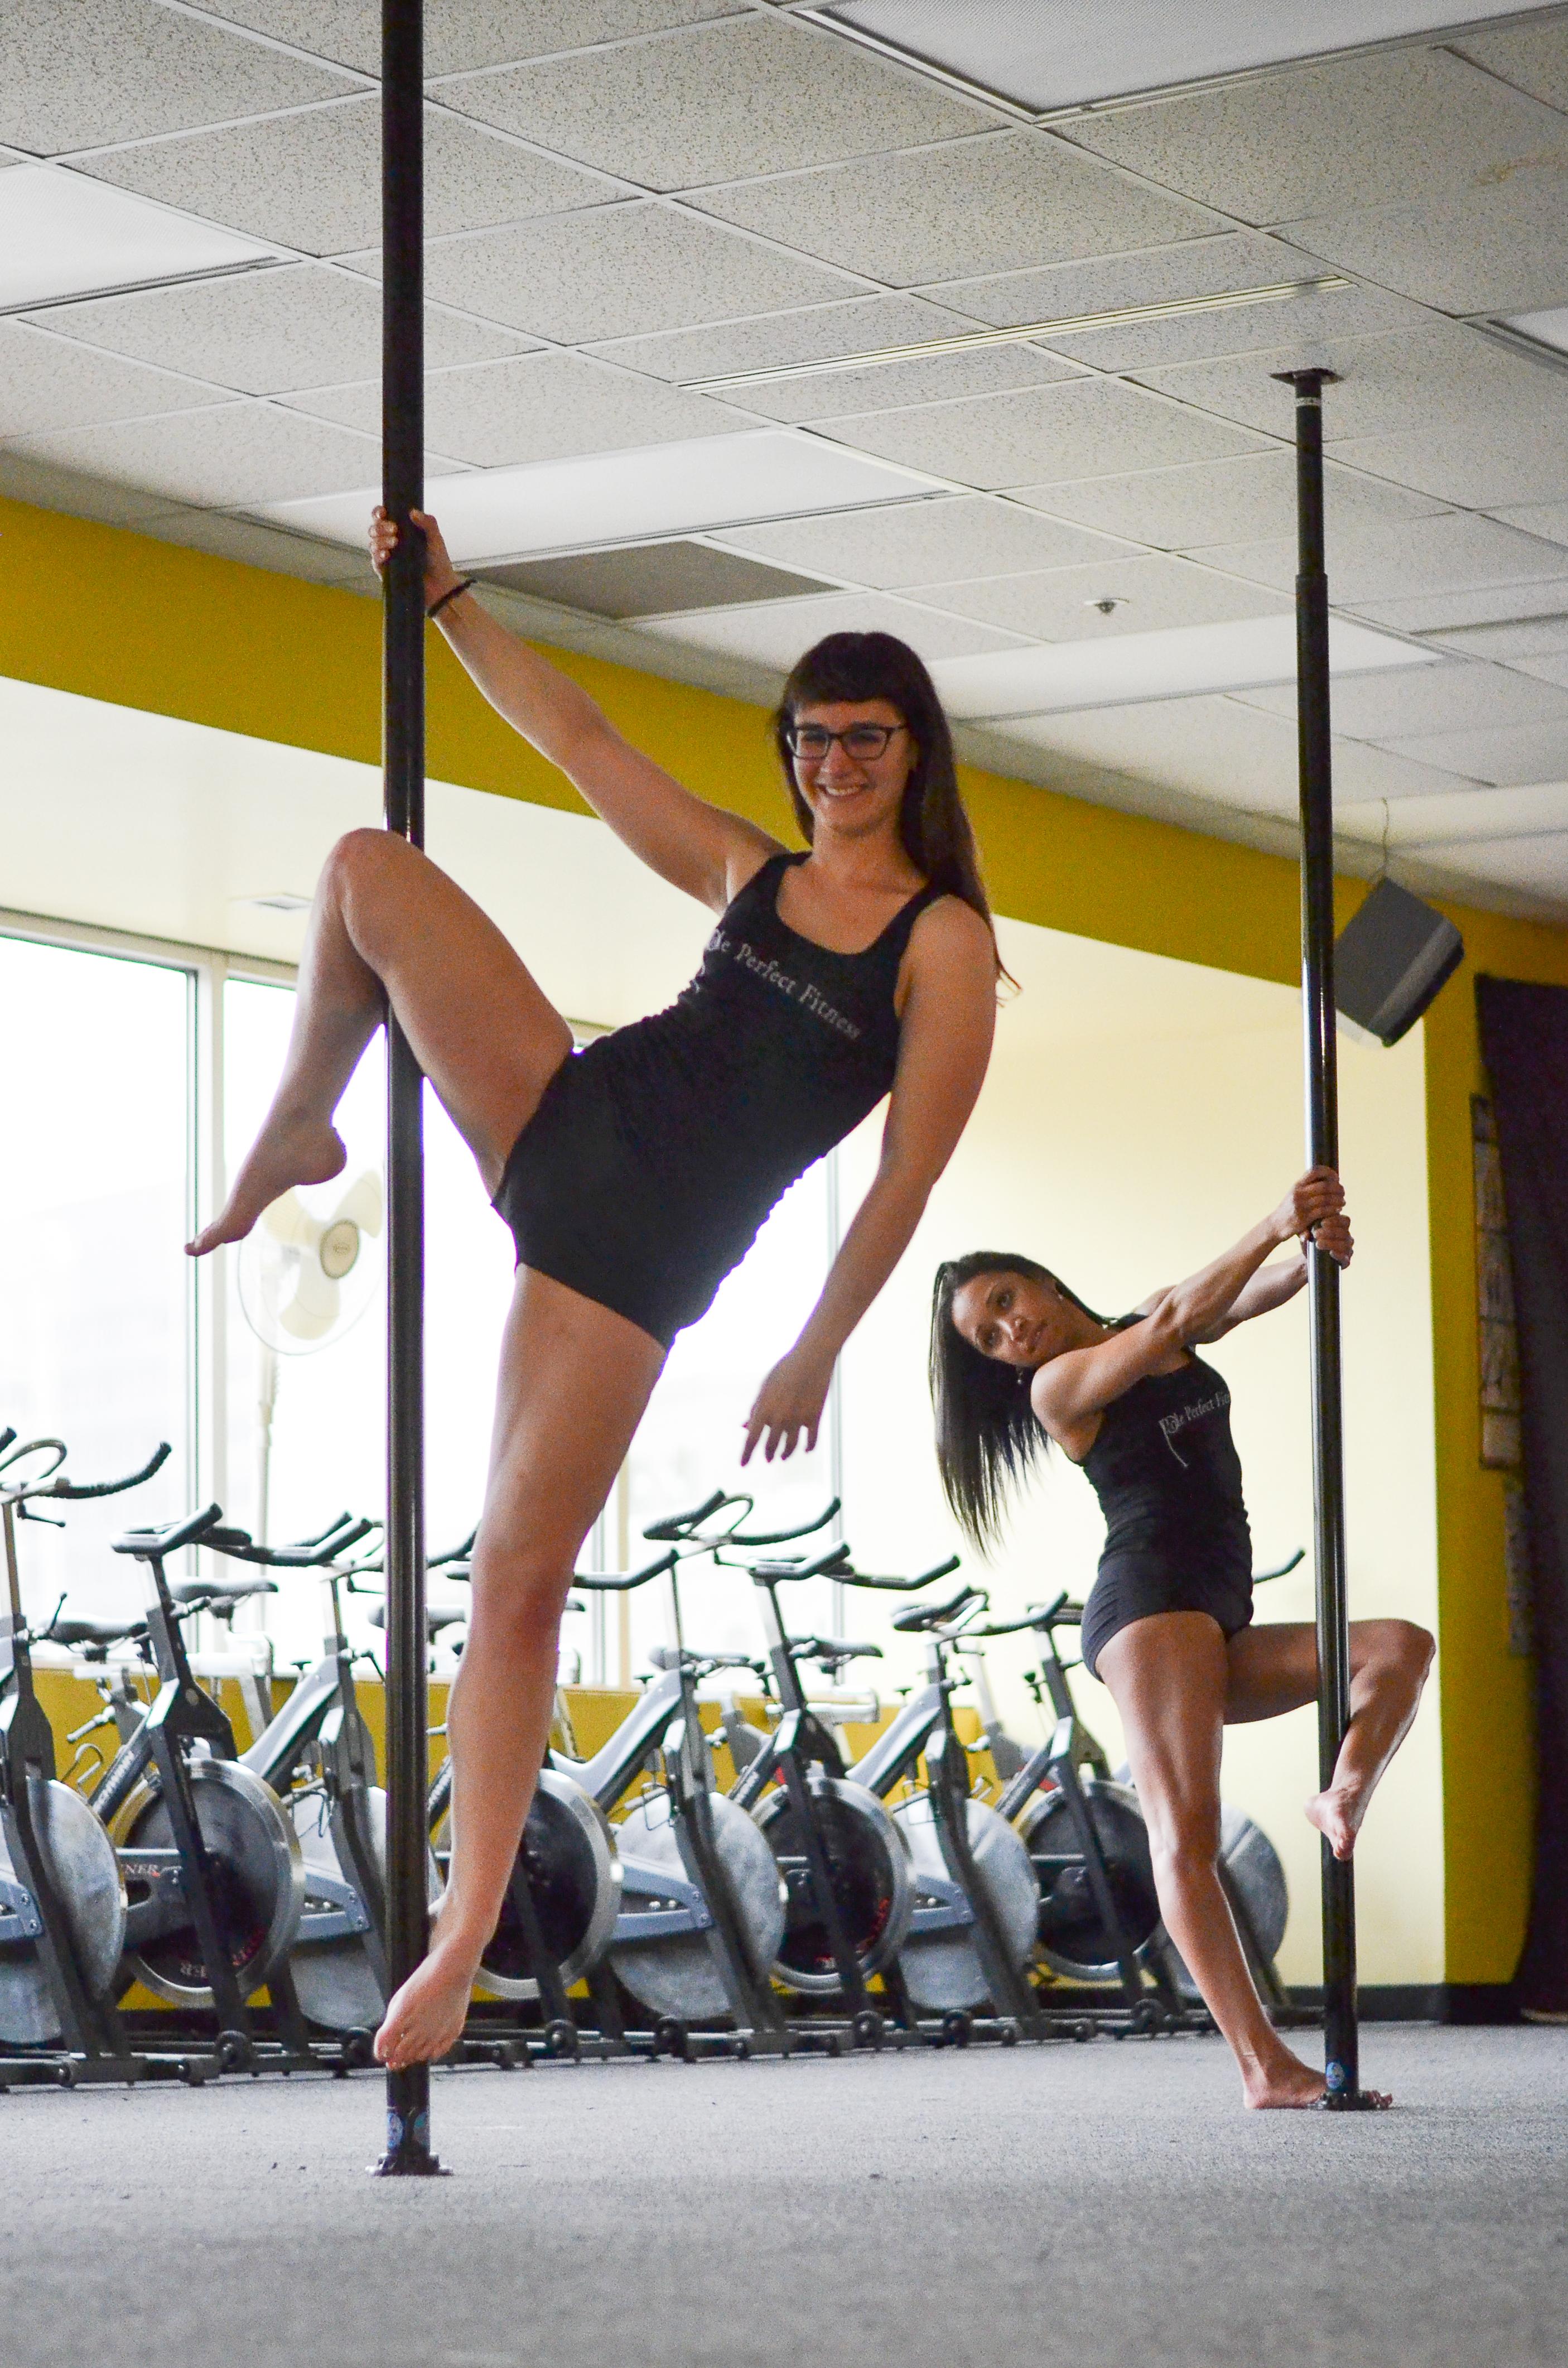 stripper pole in la Buy metairie